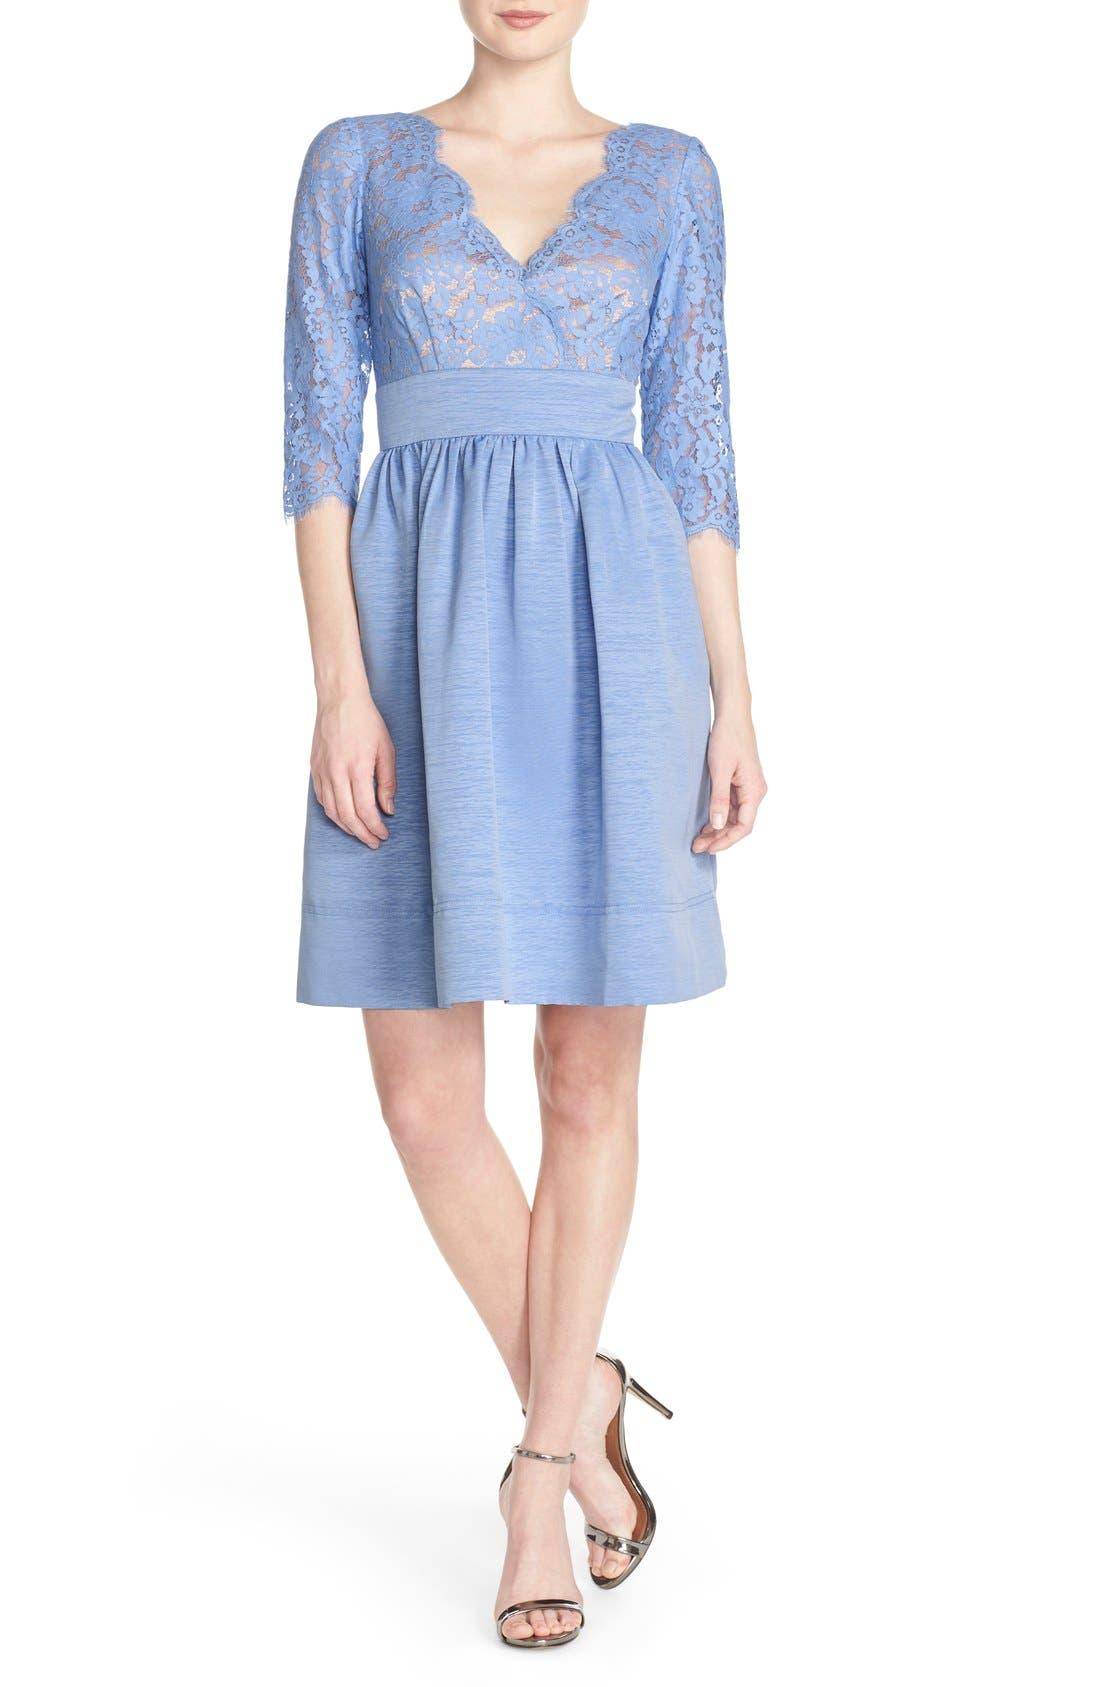 Alternate Image 1 Selected - Eliza J Lace & Faille Dress (Regular & Petite)